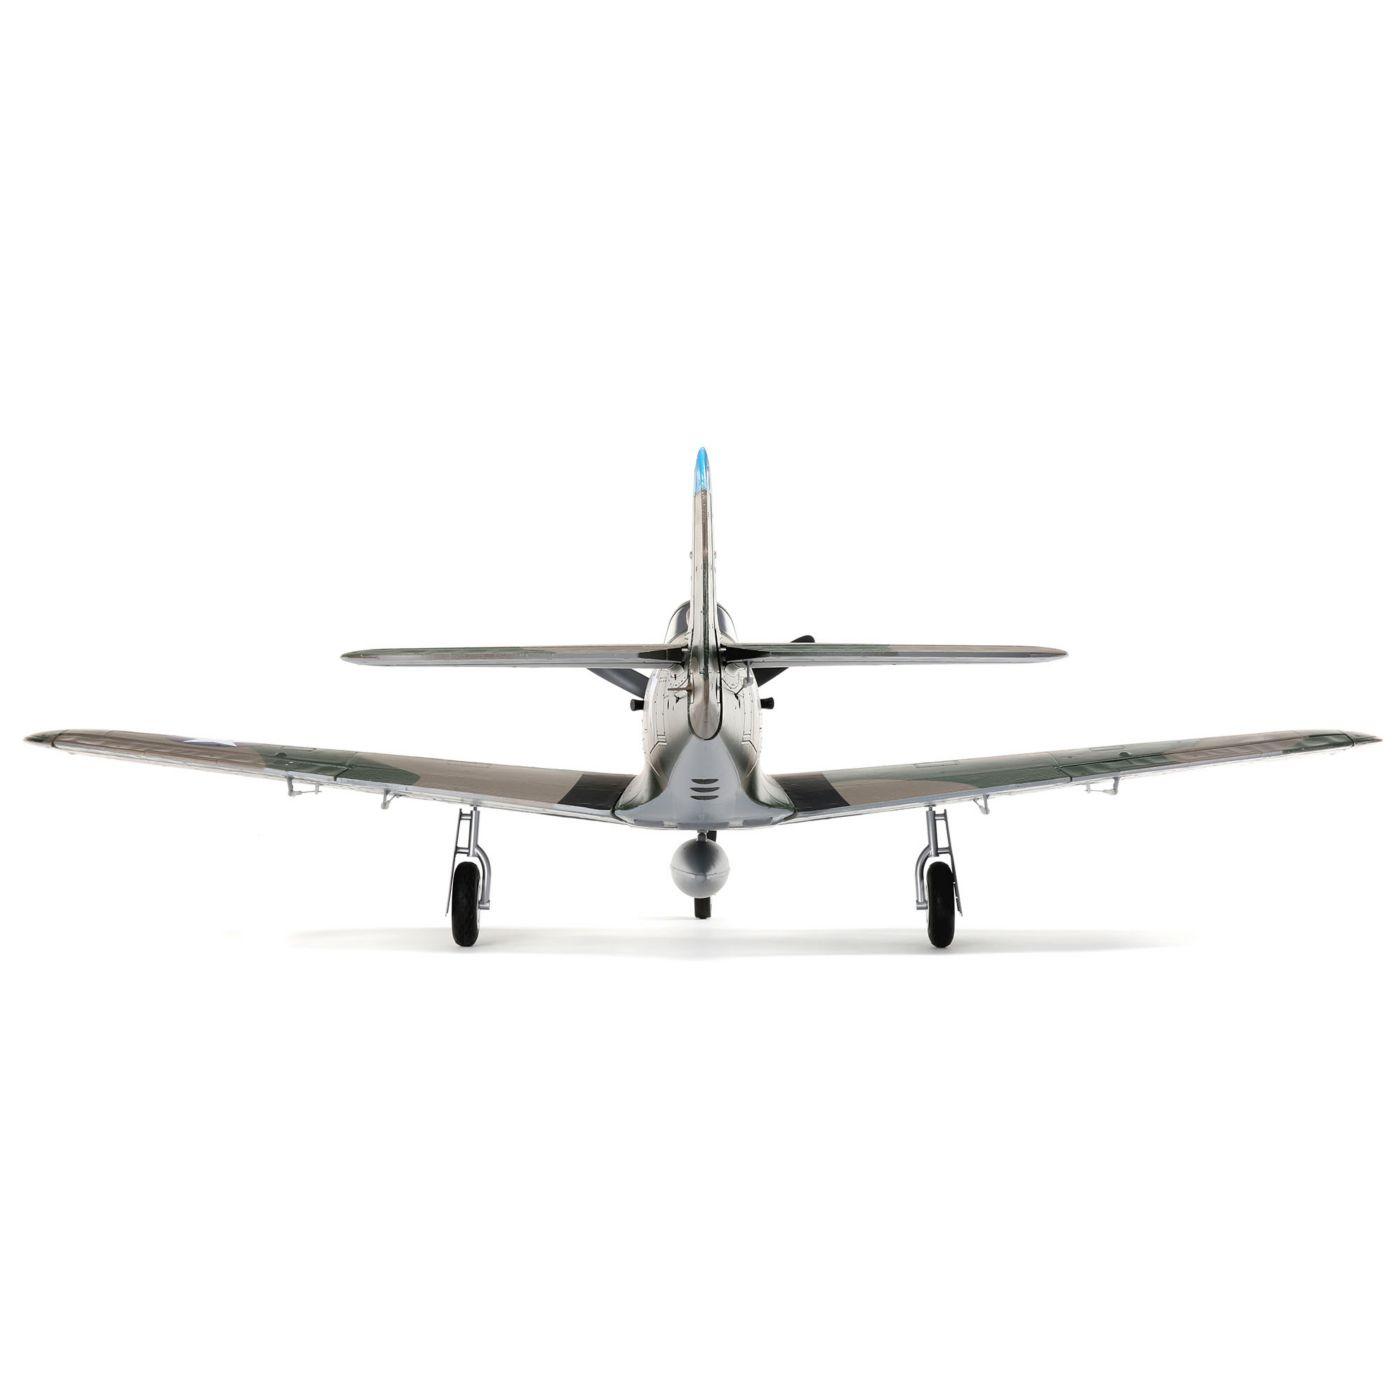 P-39 Airacobra E-flite